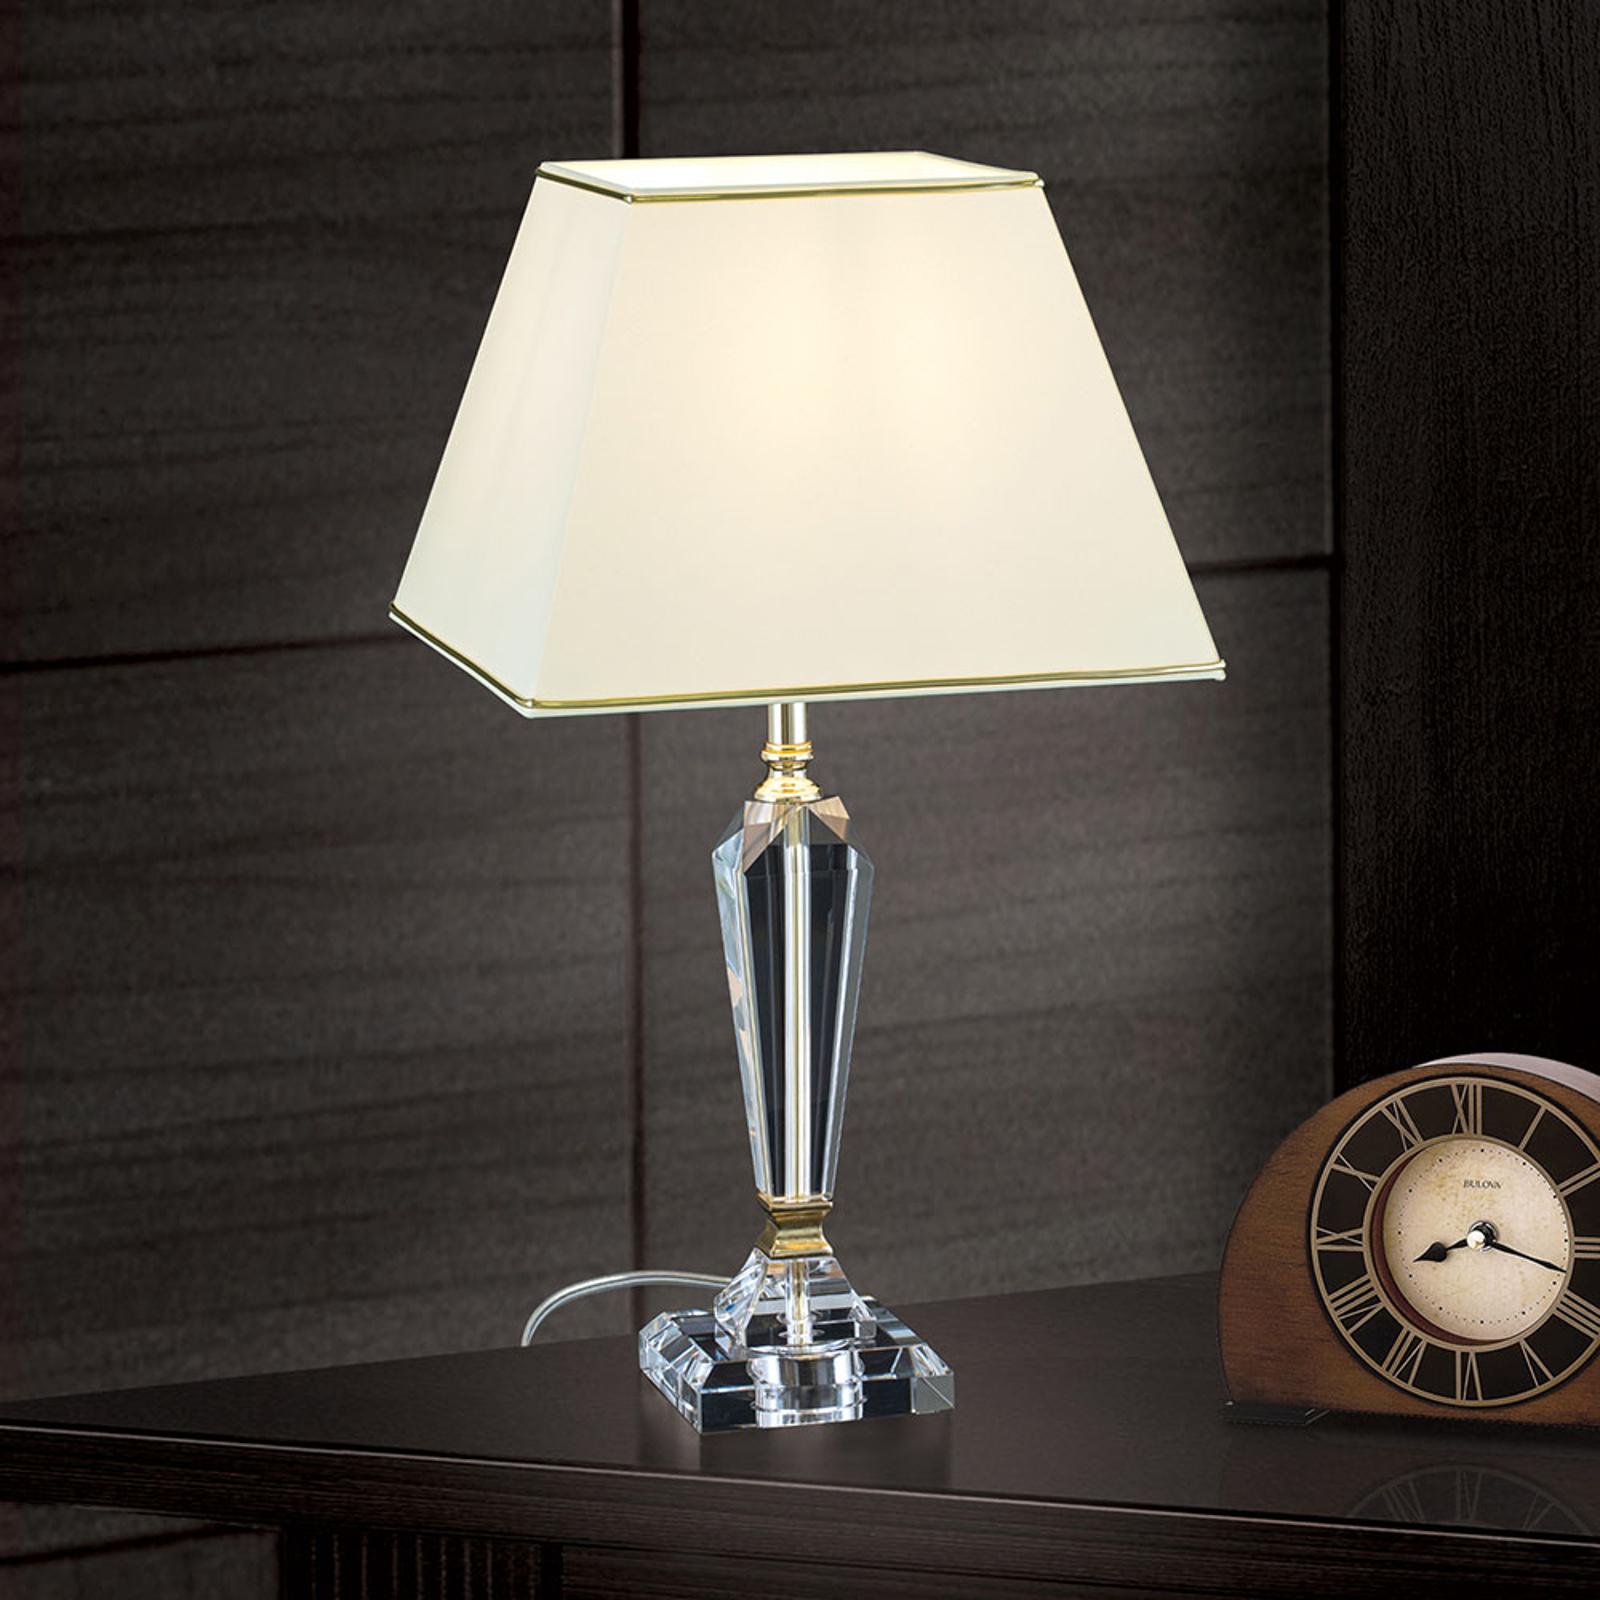 Lampa stołowa Veronique stopa wąska, kremowy/złoty